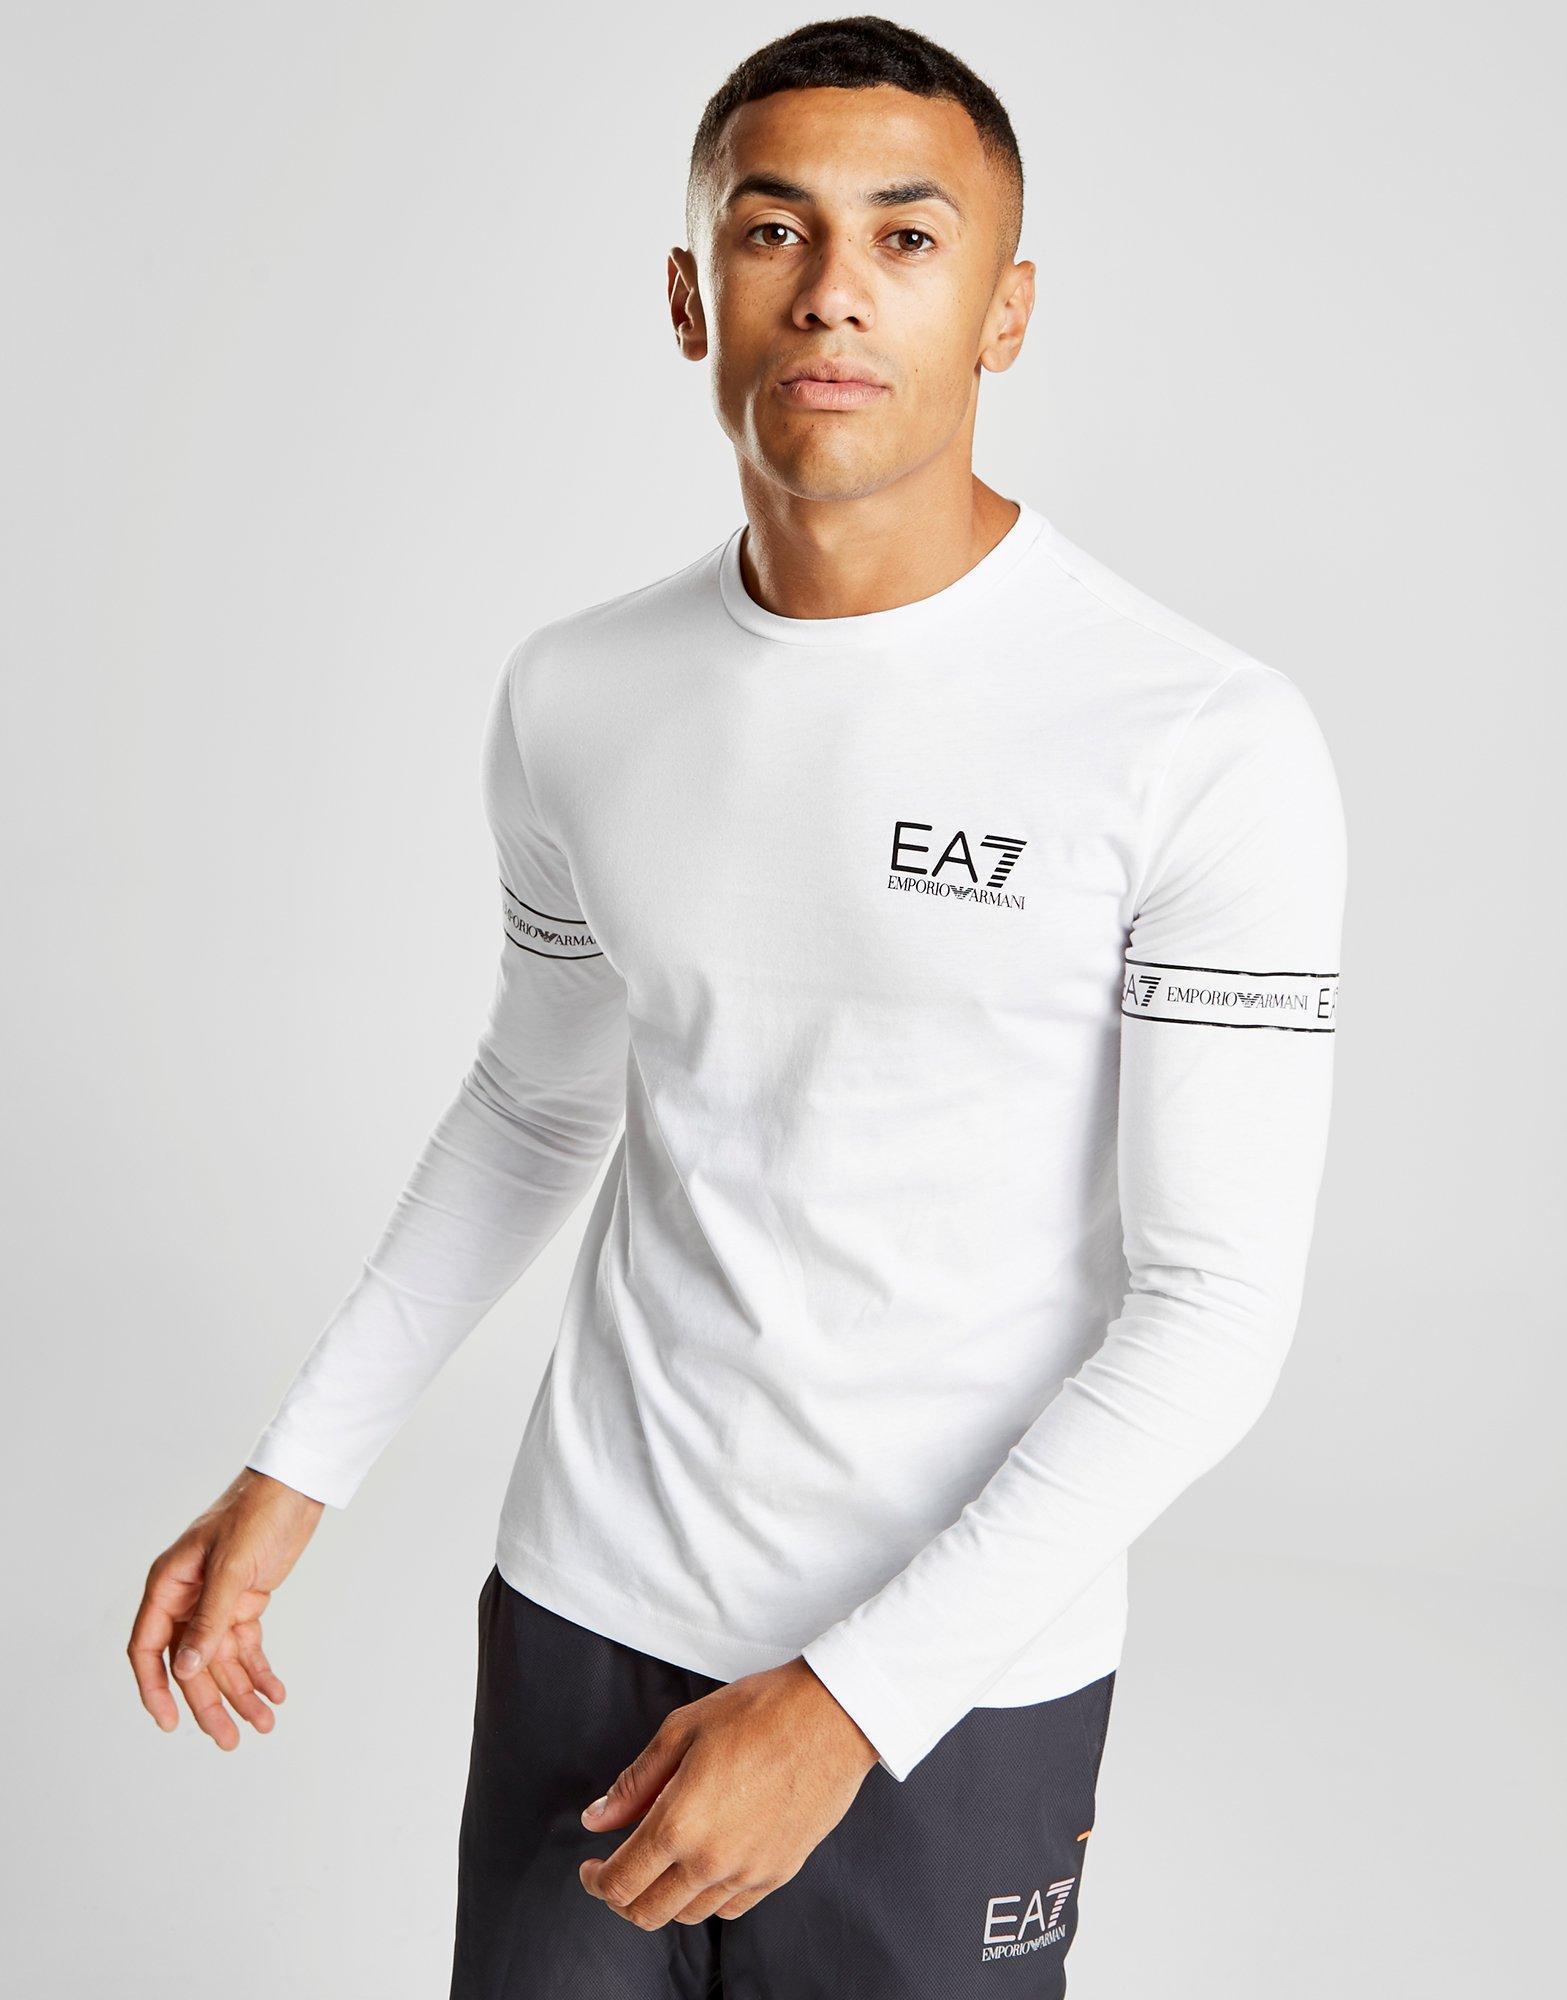 37318c5b EA7 Long Sleeve Tape T-shirt in White for Men - Lyst